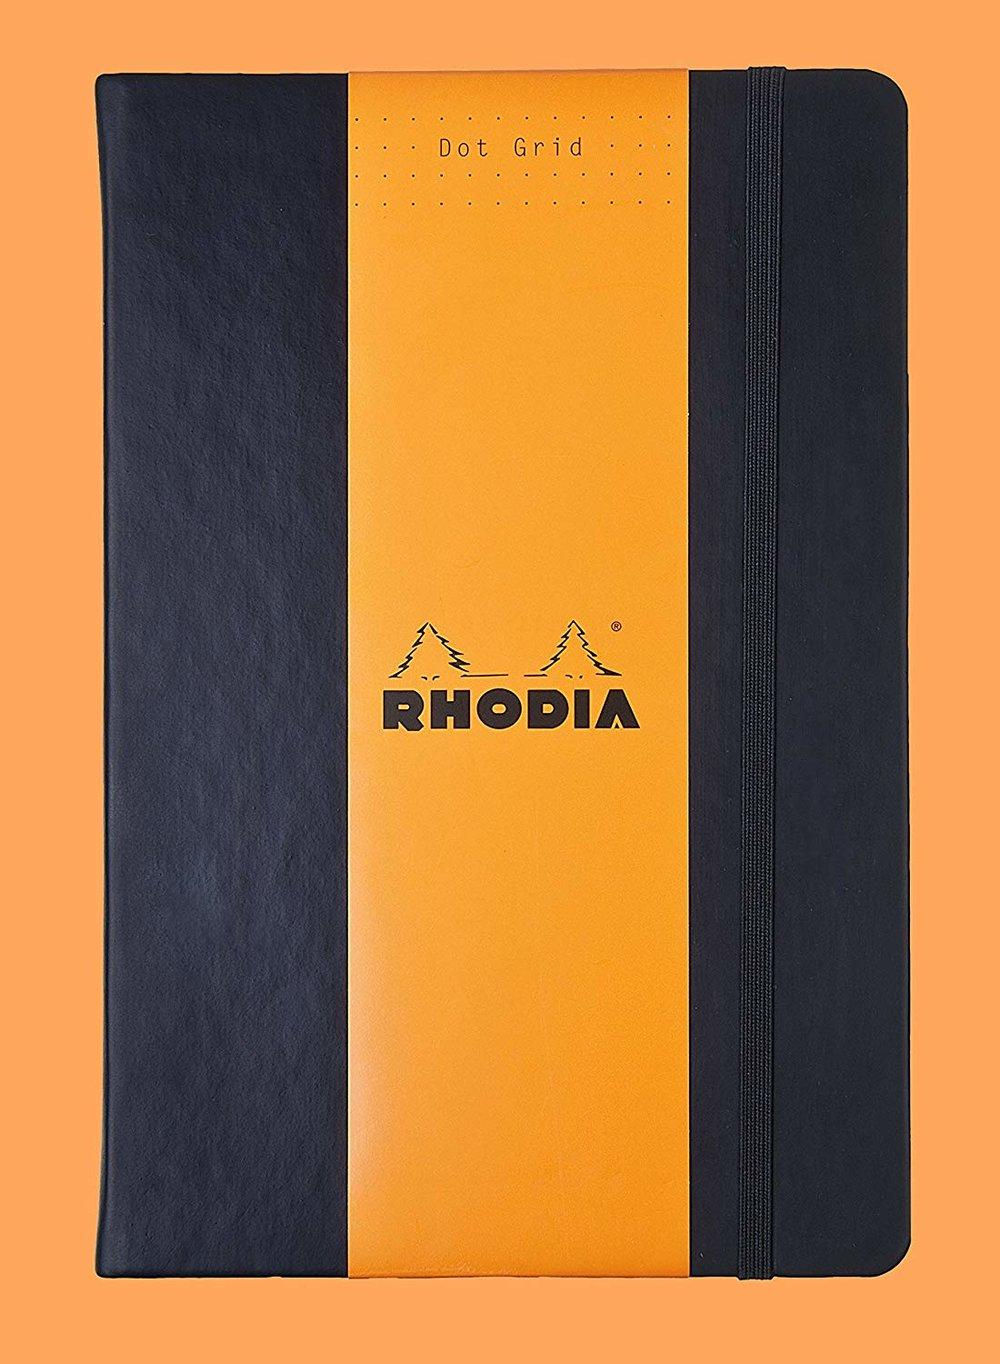 Rhodia Dot Notebook